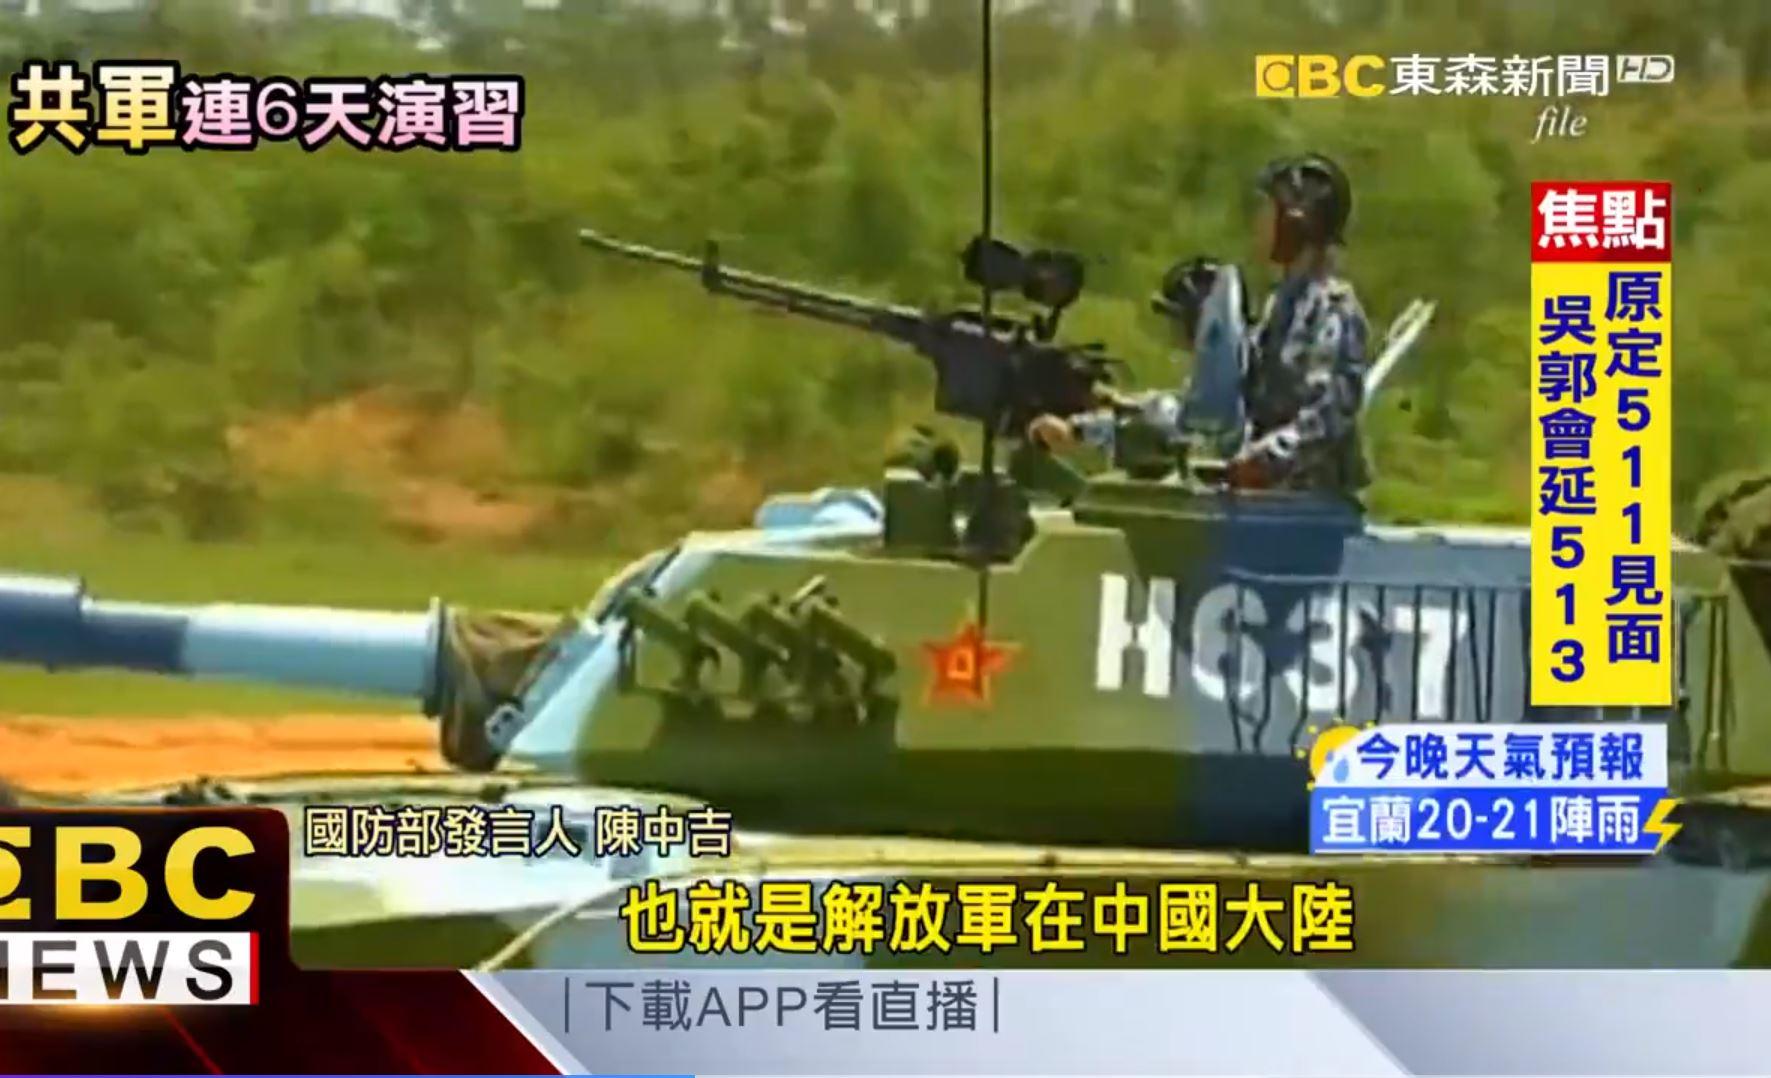 共軍進行6天實彈演習 國防部嚴密監偵